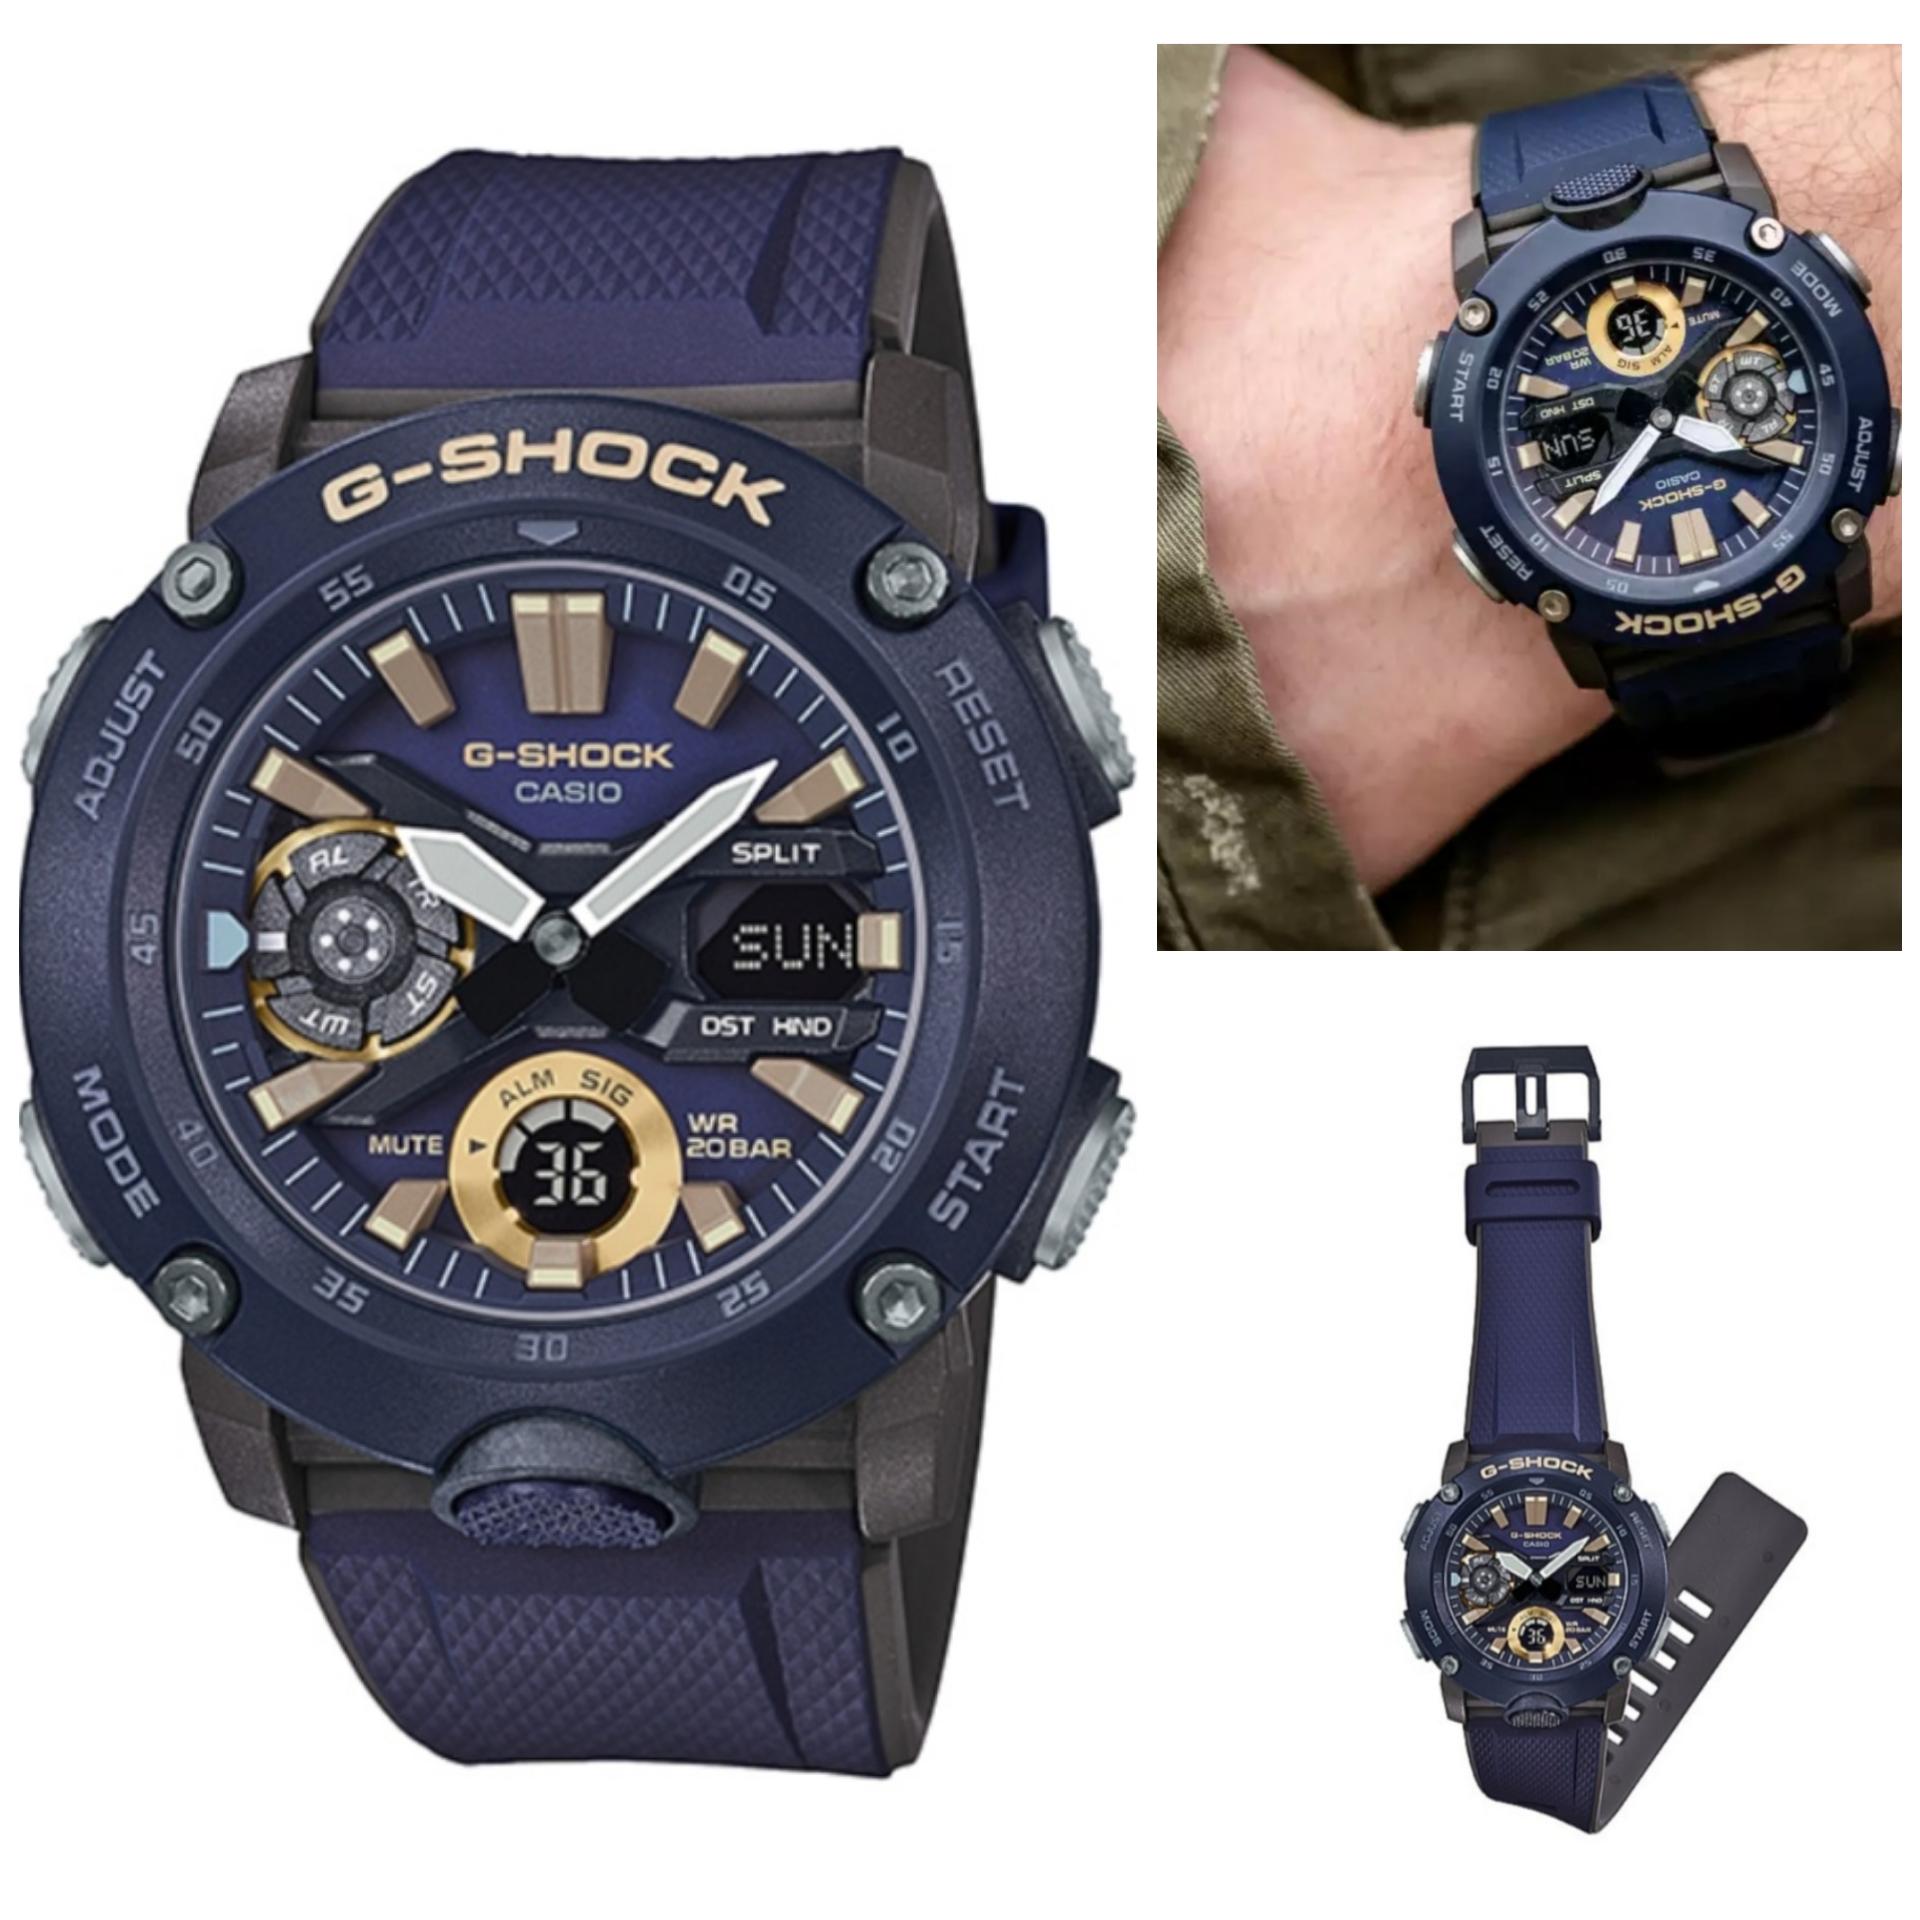 GA-2000-2A CASIO G-SHOCK